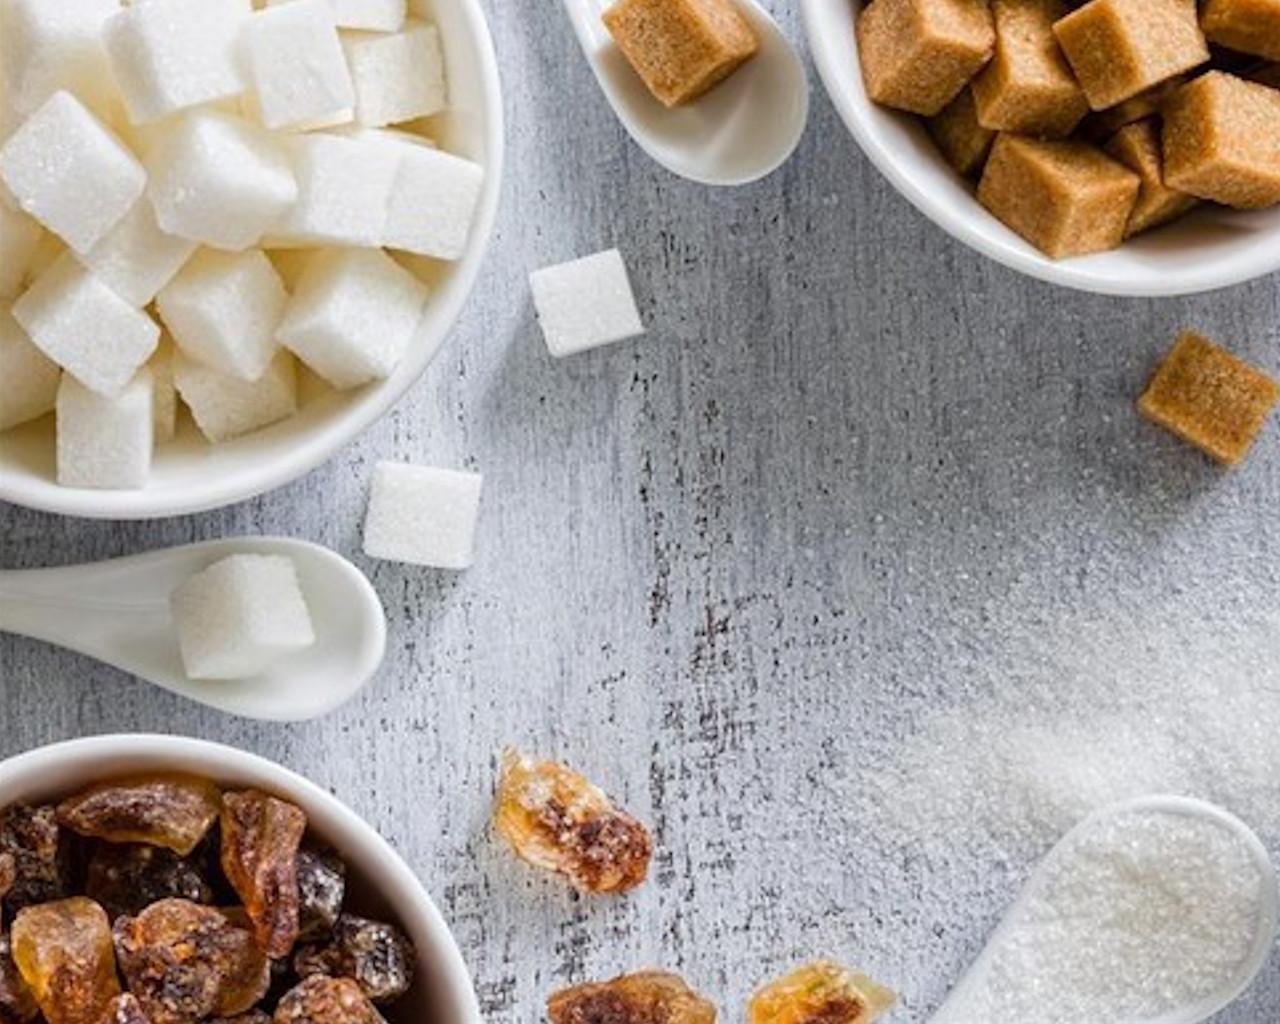 επιπτωσεις ζαχαρης,αρνητικες επιπτωσεις ζαχαρης, ζαχαρη,ζαχαρη και χασιμοτο,ζαχαρη και αλατι χανια,ζαχαρη καρυδασ,ζαχαρη και επιληψια,ζαχαρη χρωμα,ζαχαρη και αλατι,ζαχαρη και αλευρι,ζαχαρη θερμιδεσ